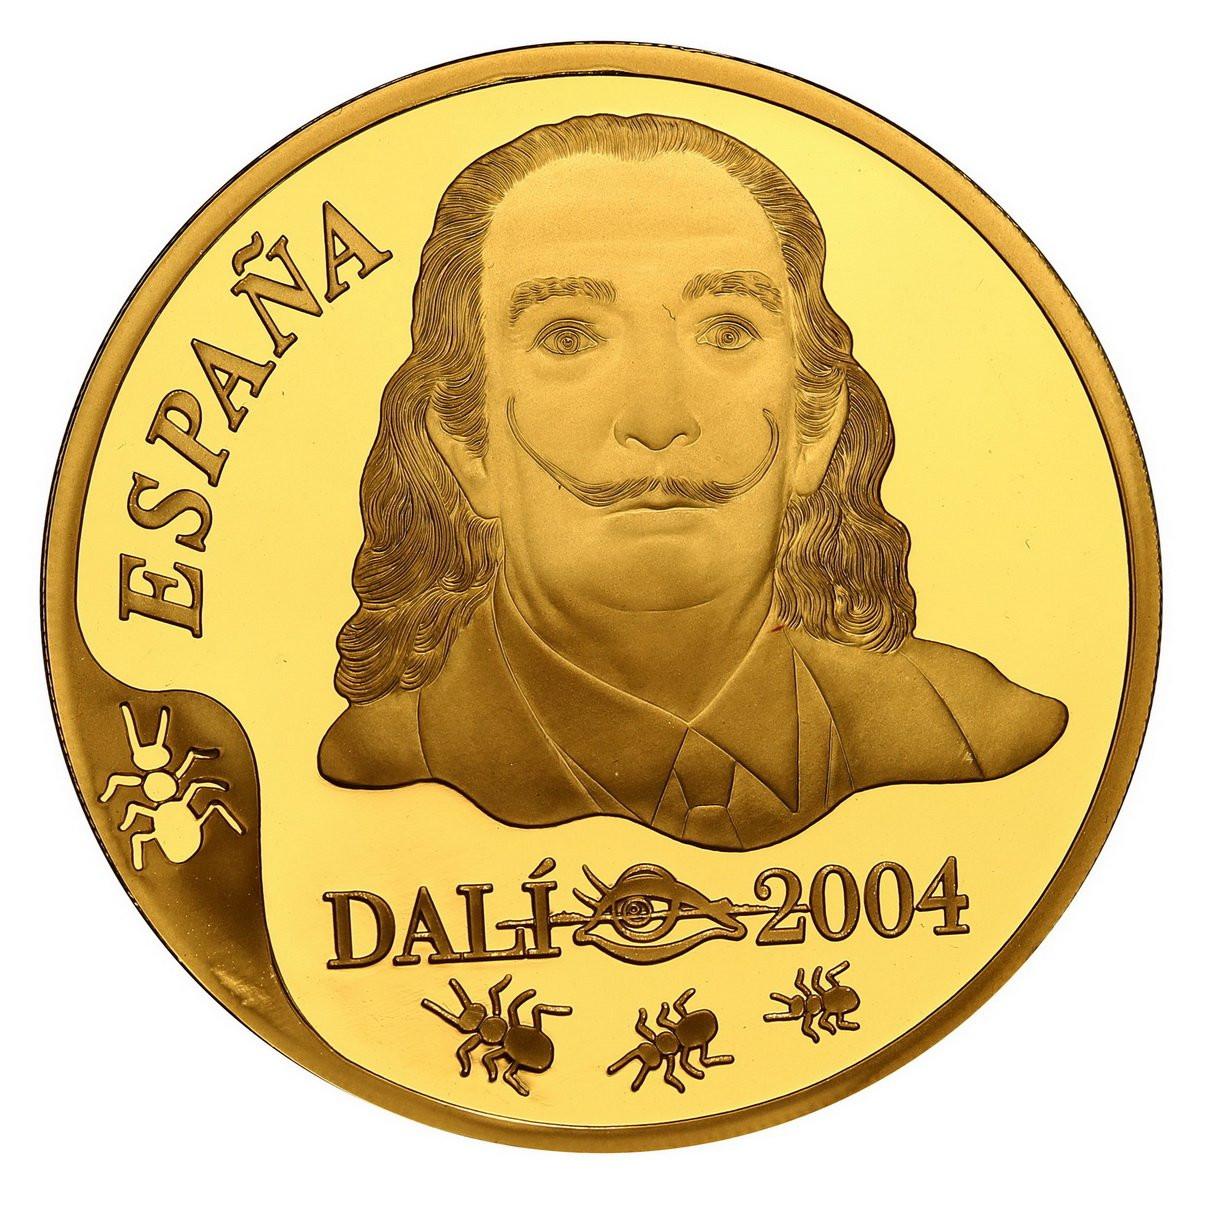 Hiszpania 400 Euro 2004 Dali - Au.999 st. L